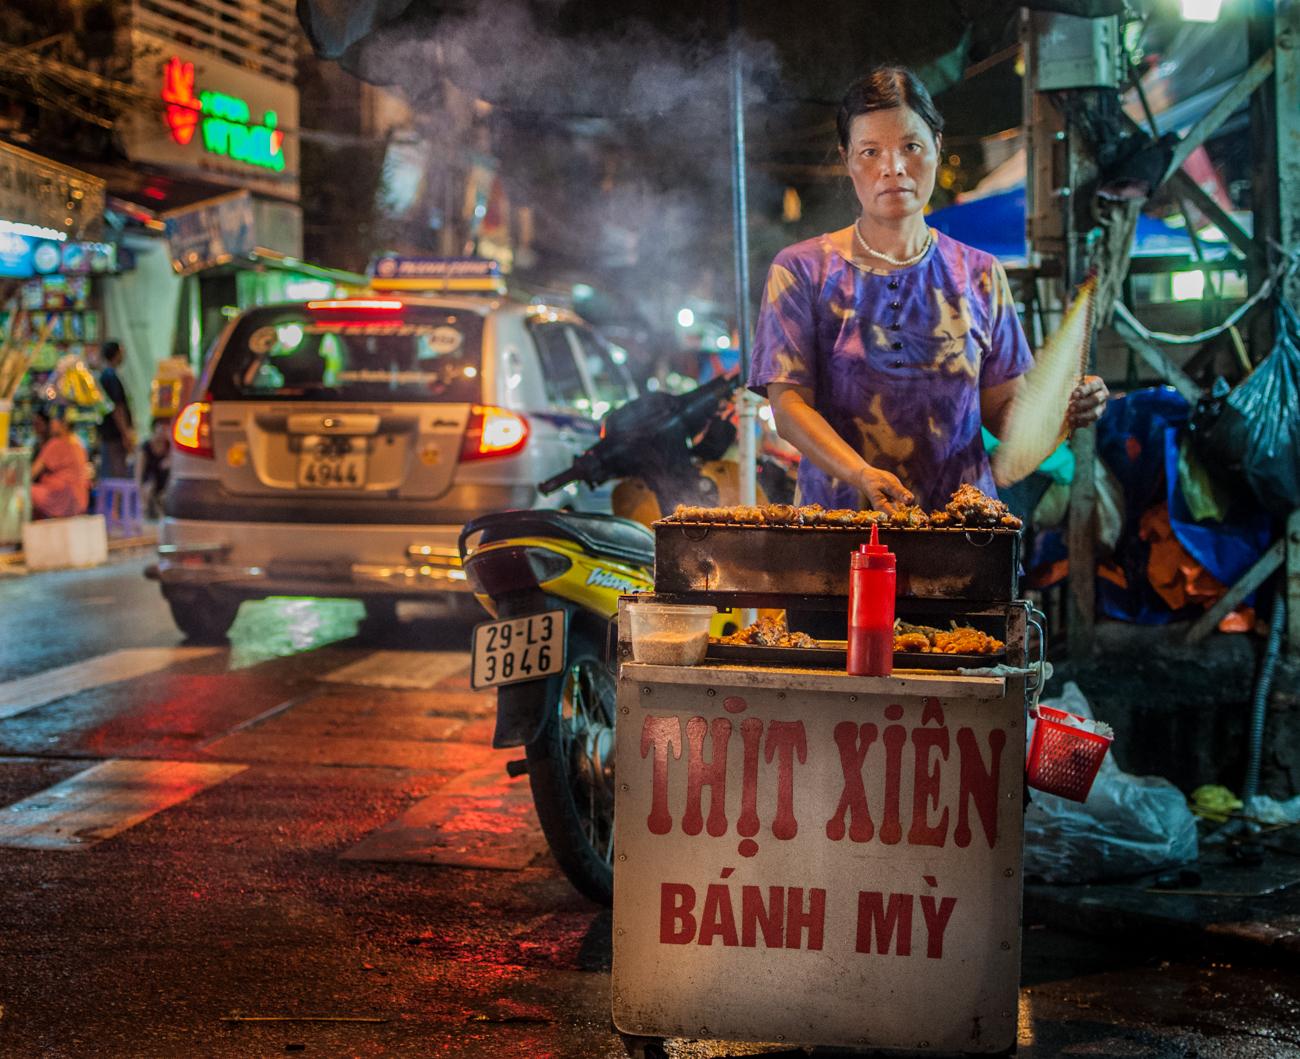 La cocina vietnamita tiene muchas cualidades y pocos defectos: es sabrosa y ligera, sumamente económica y muy  variada (más de 500 platos). En la imagen, mujer vendiendo pinchos de pollo a la brasa en Hanoi. Tras varias horas con su puesto en un concurrido cruce, lo que no venda estará listo para el día siguiente.